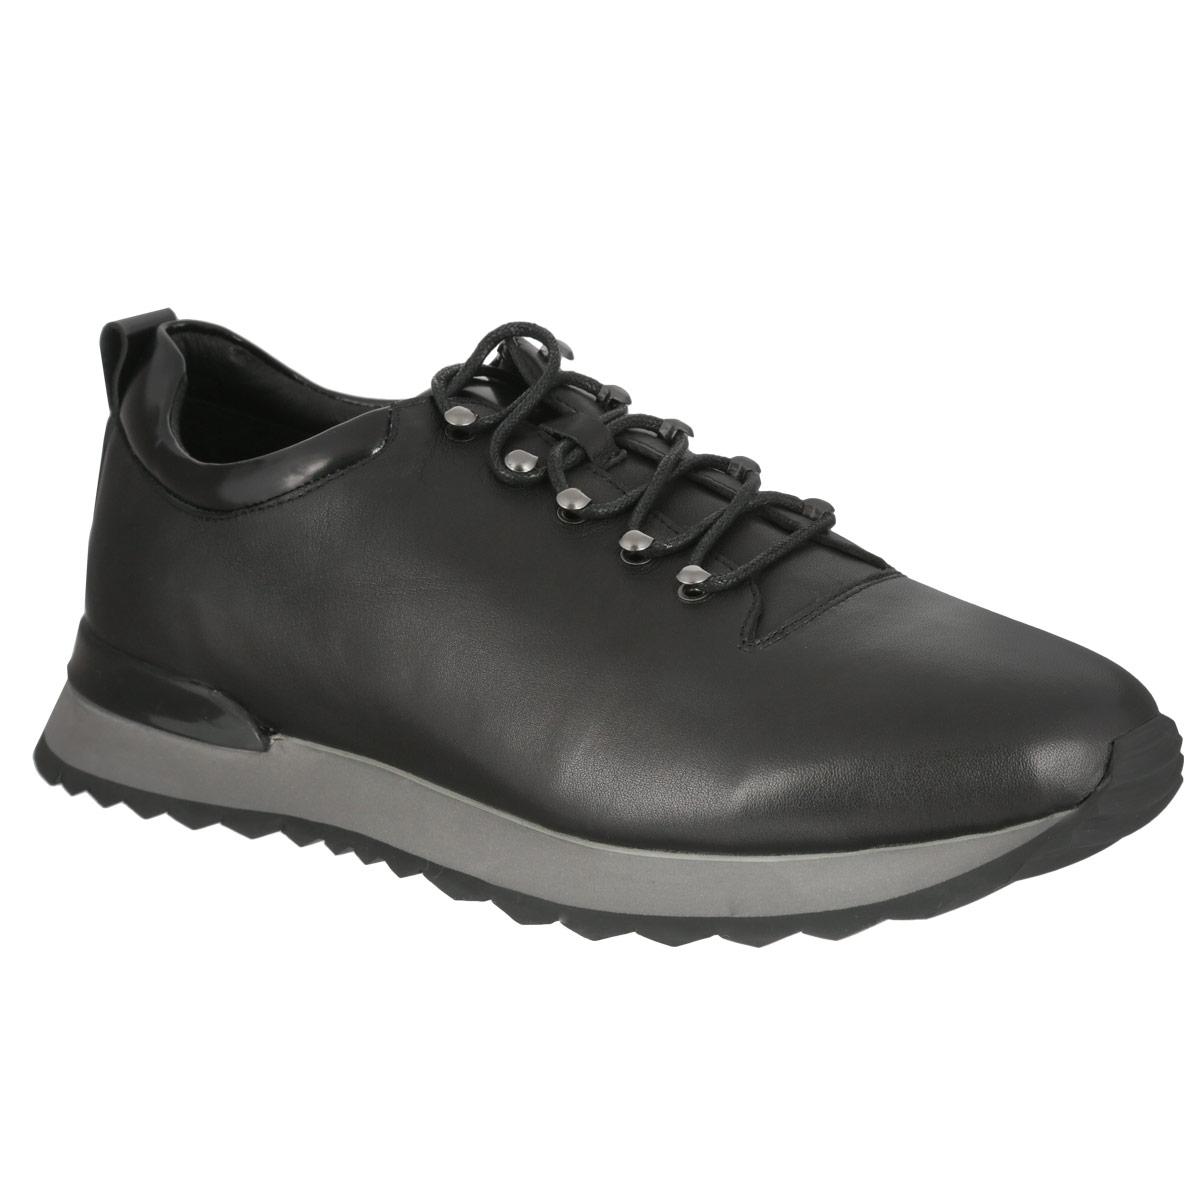 Кроссовки мужские. M23061M23061Модные мужские кроссовки Vitacci займут достойное место в вашем гардеробе. Модель выполнена из натуральной кожи и оформлена задним наружным ремнем. Шнуровка, пропущенная через металлическую фурнитуру, прочно зафиксирует модель на вашей ноге. Ярлычок на заднике облегчает надевание обуви. Съемная стелька из EVA-материала с поверхностью из натуральной кожи обеспечивает комфорт и амортизацию при движении. Подошва с рифлением гарантирует идеальное сцепление с различными поверхностями. Стильные кроссовки отлично дополнят ваш модный образ.